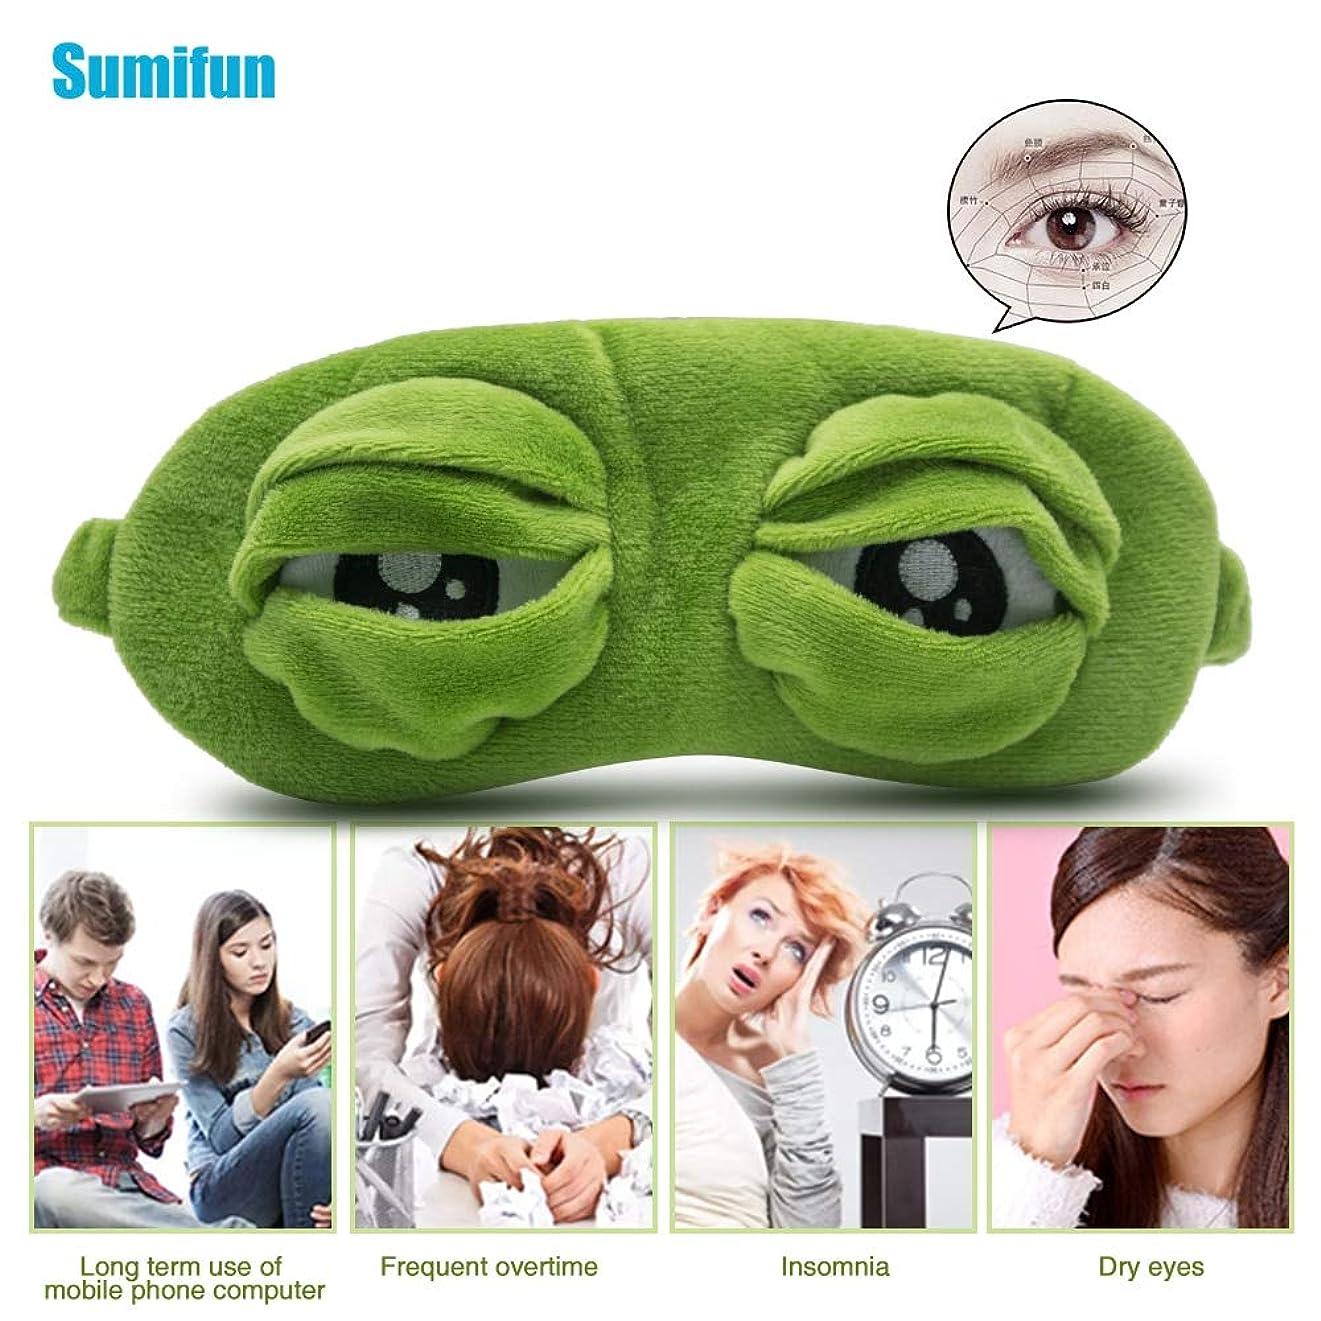 ライバルショルダー進行中注Sumifun 3D悲しいカエル睡眠マスク休息睡眠目隠しアイスカバーアイパッチ睡眠マスクC1360